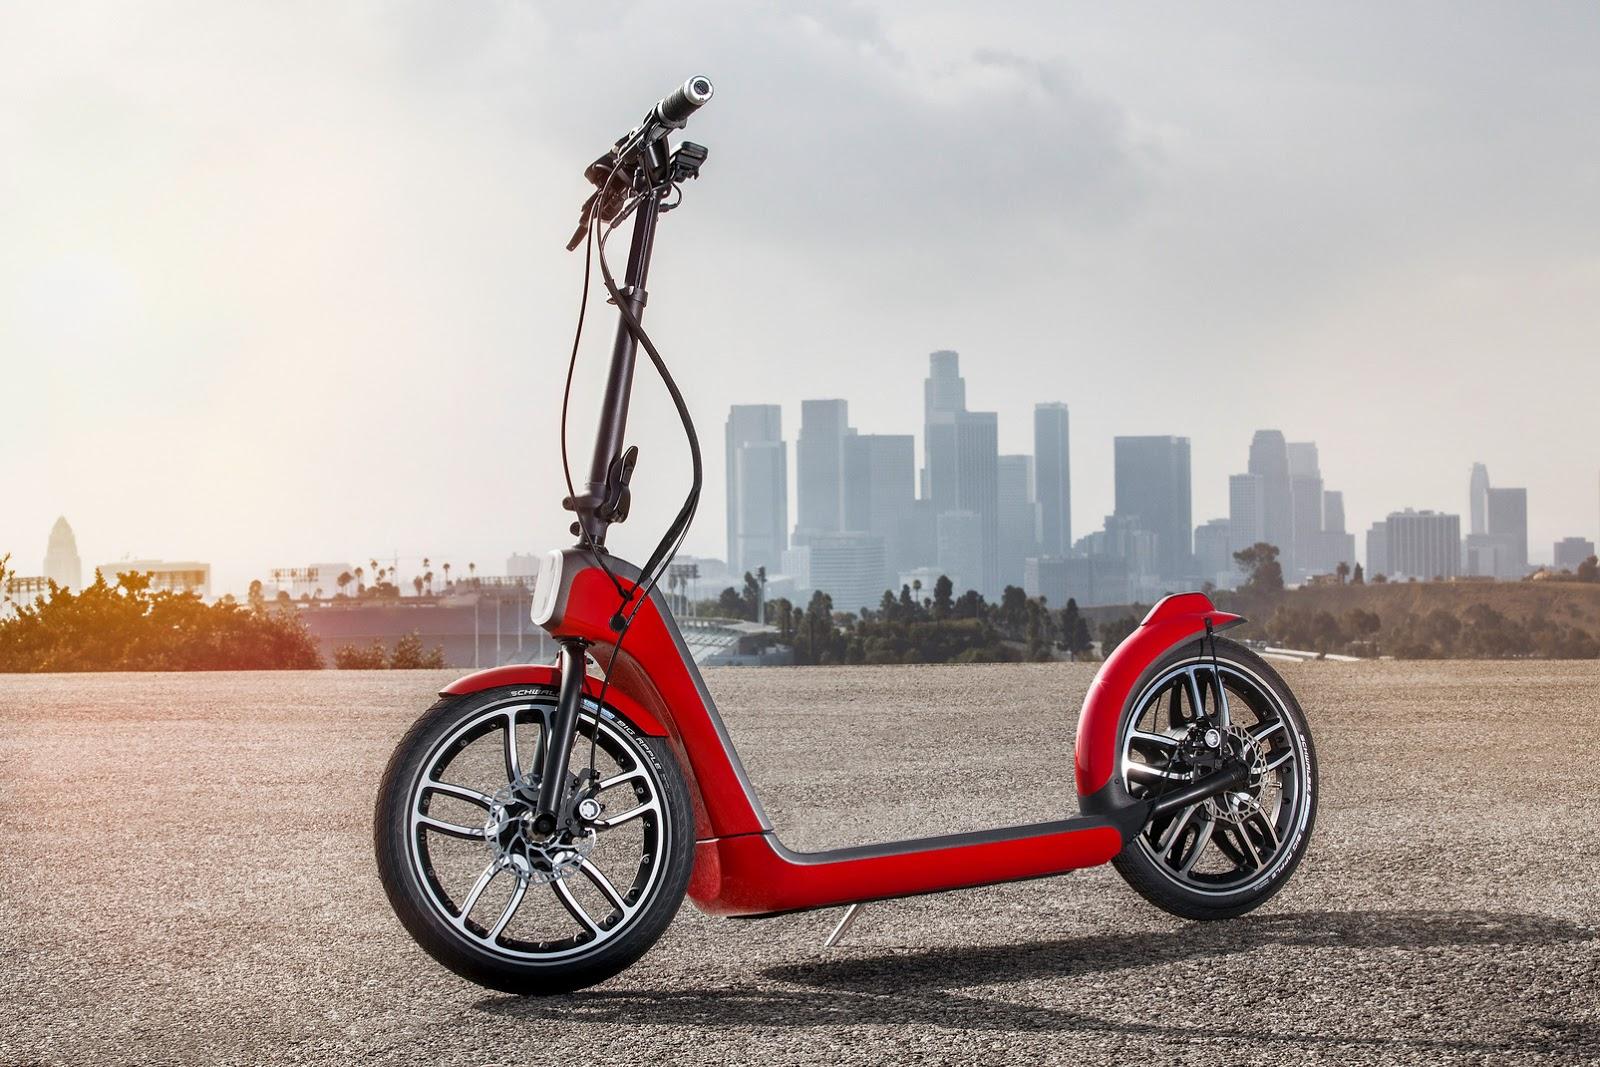 Mini S Citysurfer Electric Scooter Concept W Videos